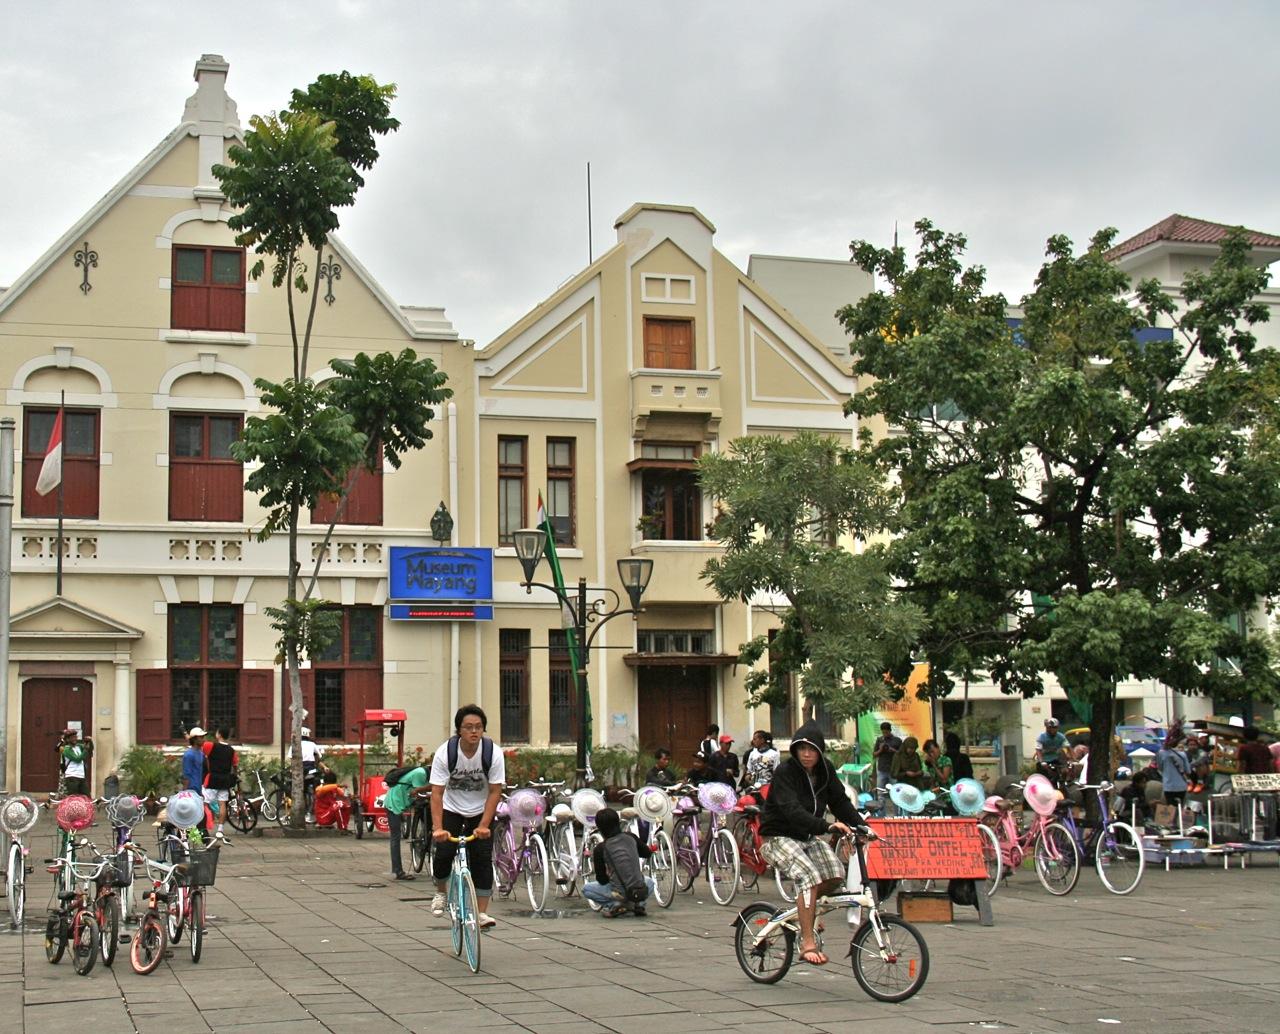 September 2015 Colour Indonesia Museum Fatahillah Dikenal Sebagai Sejarah Jakarta